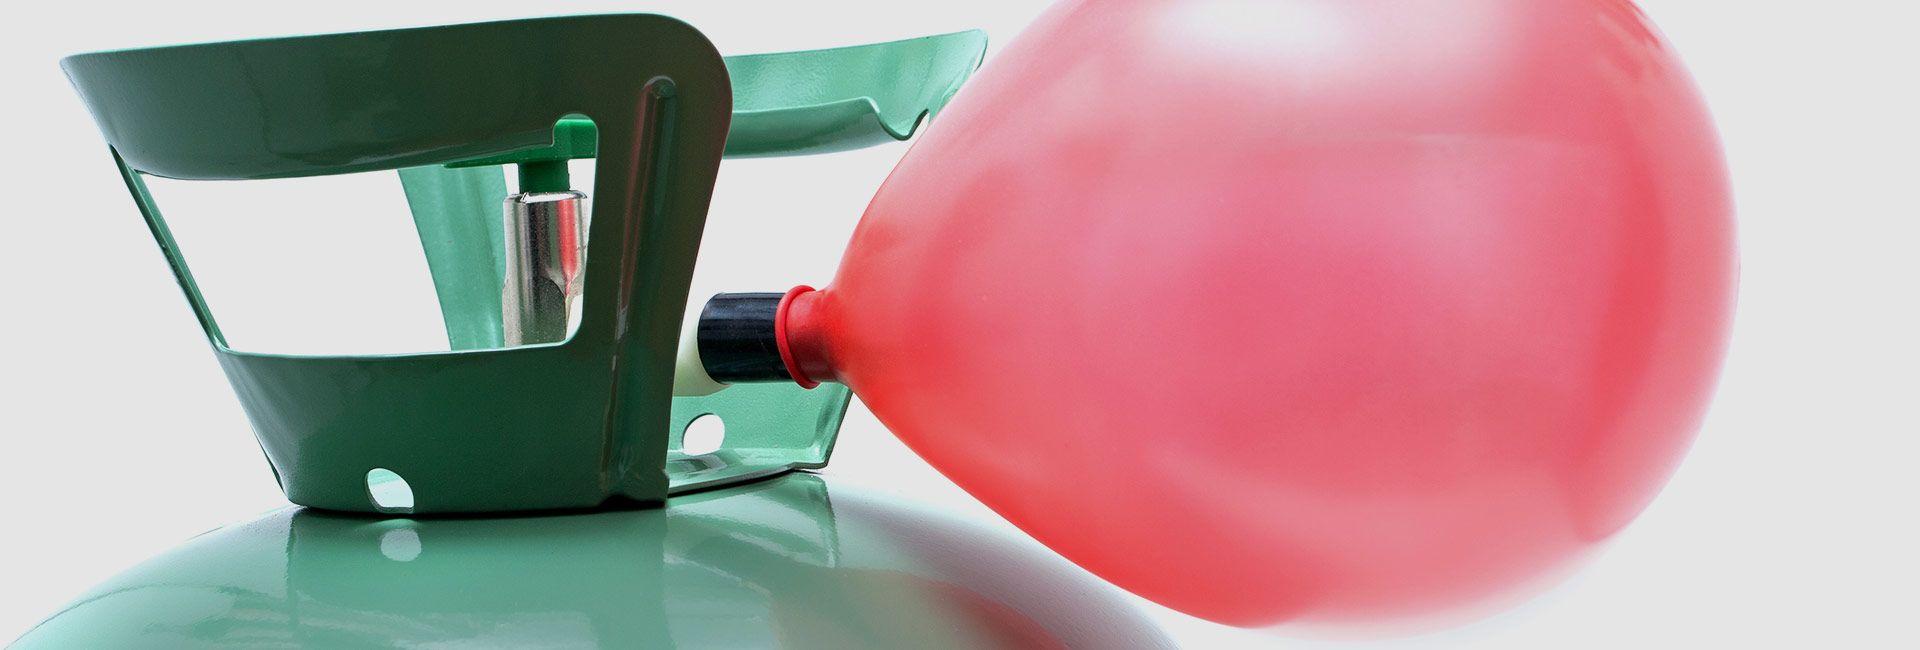 helium tube